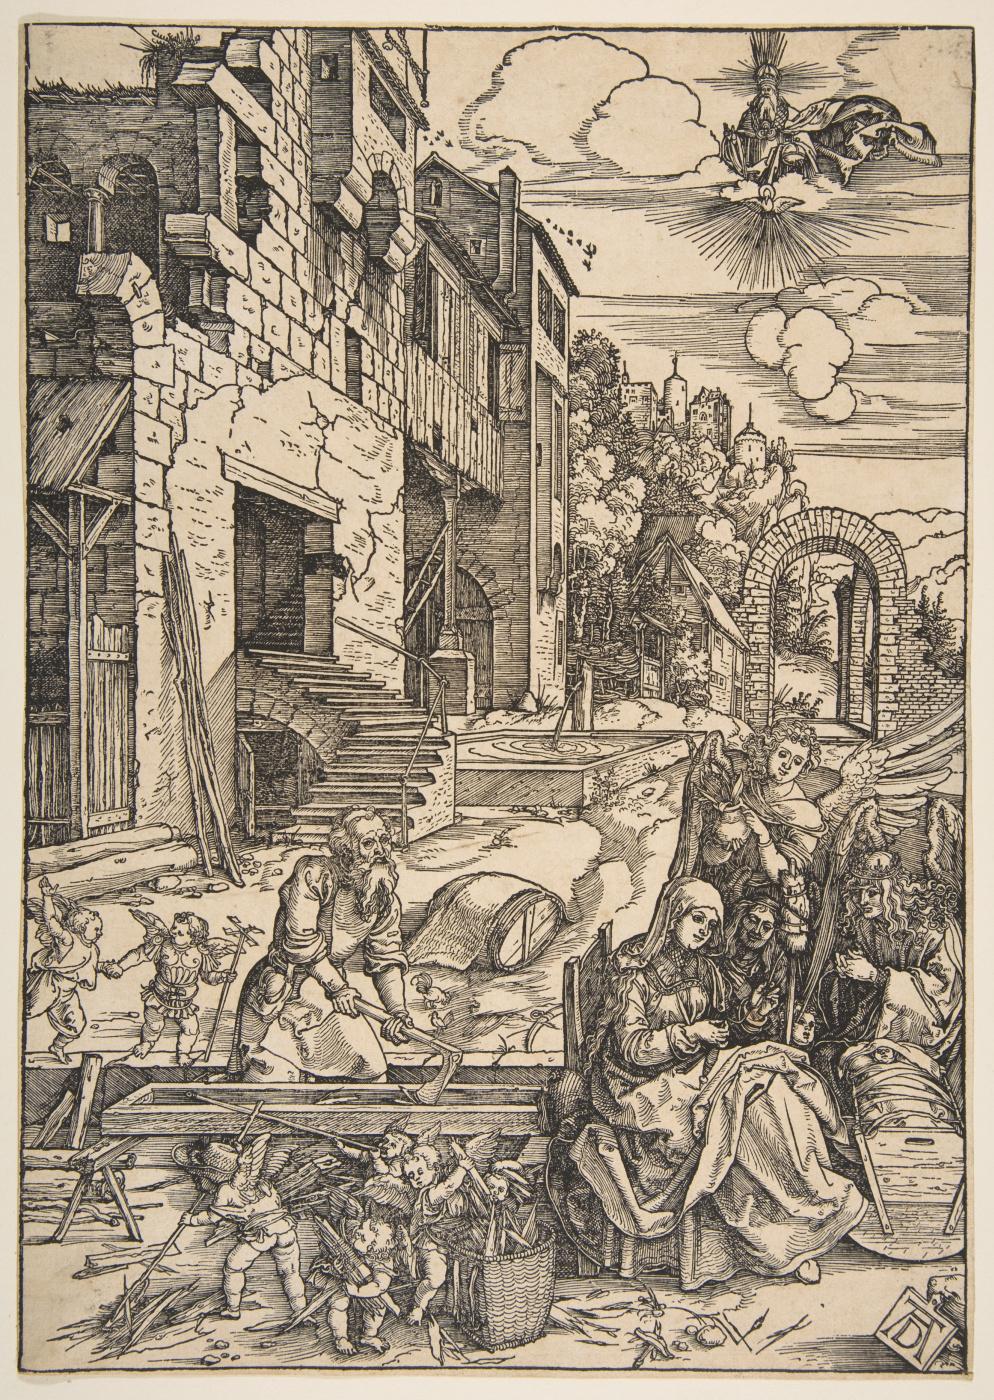 Albrecht Dürer. The Holy family in Egypt